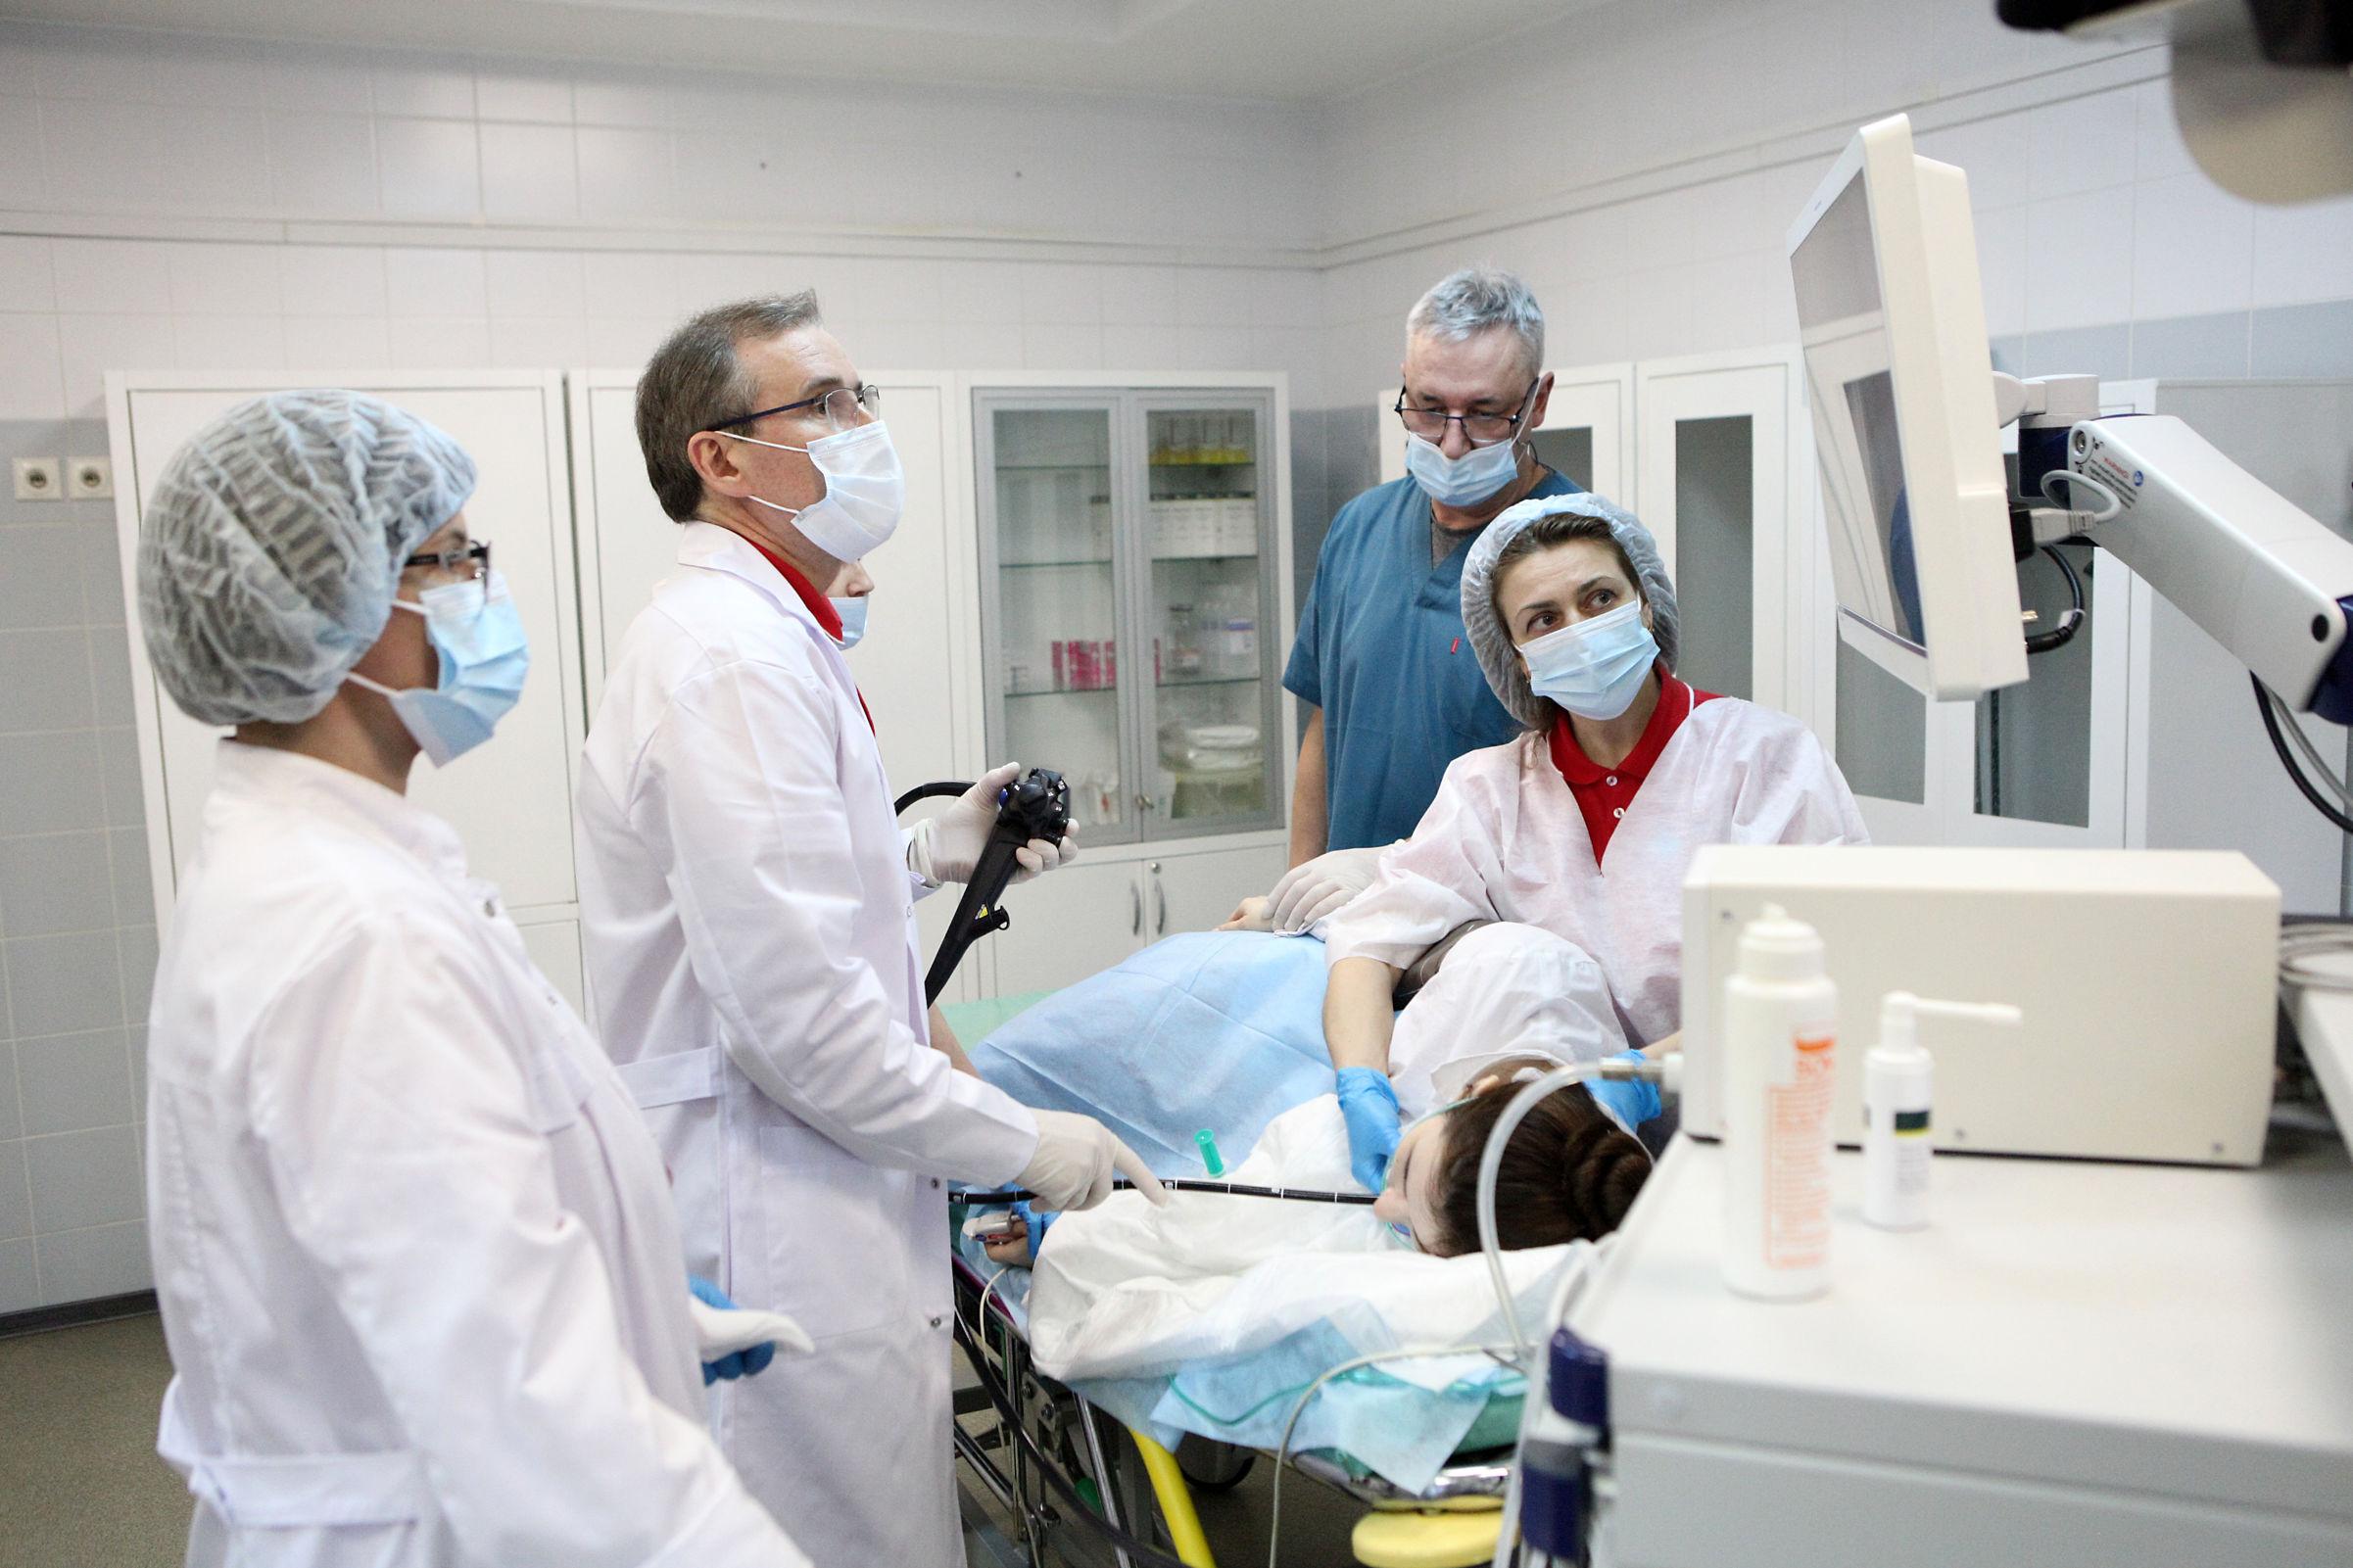 В областной онкологической больнице используют новейшее оборудование и телемедицину